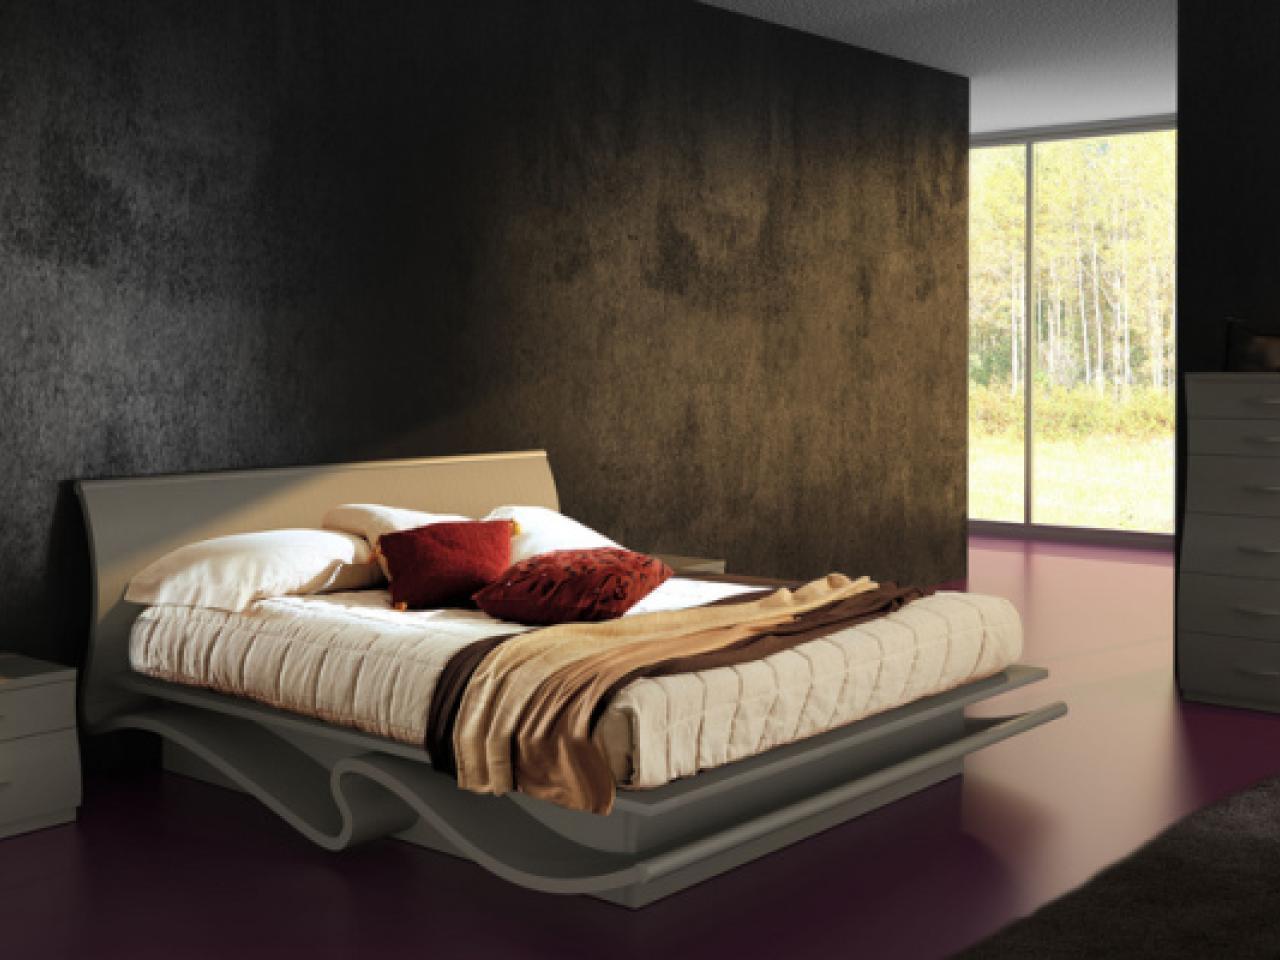 Goede Hoe richt je de slaapkamer in? | Beurs Eigen Huis DZ-75